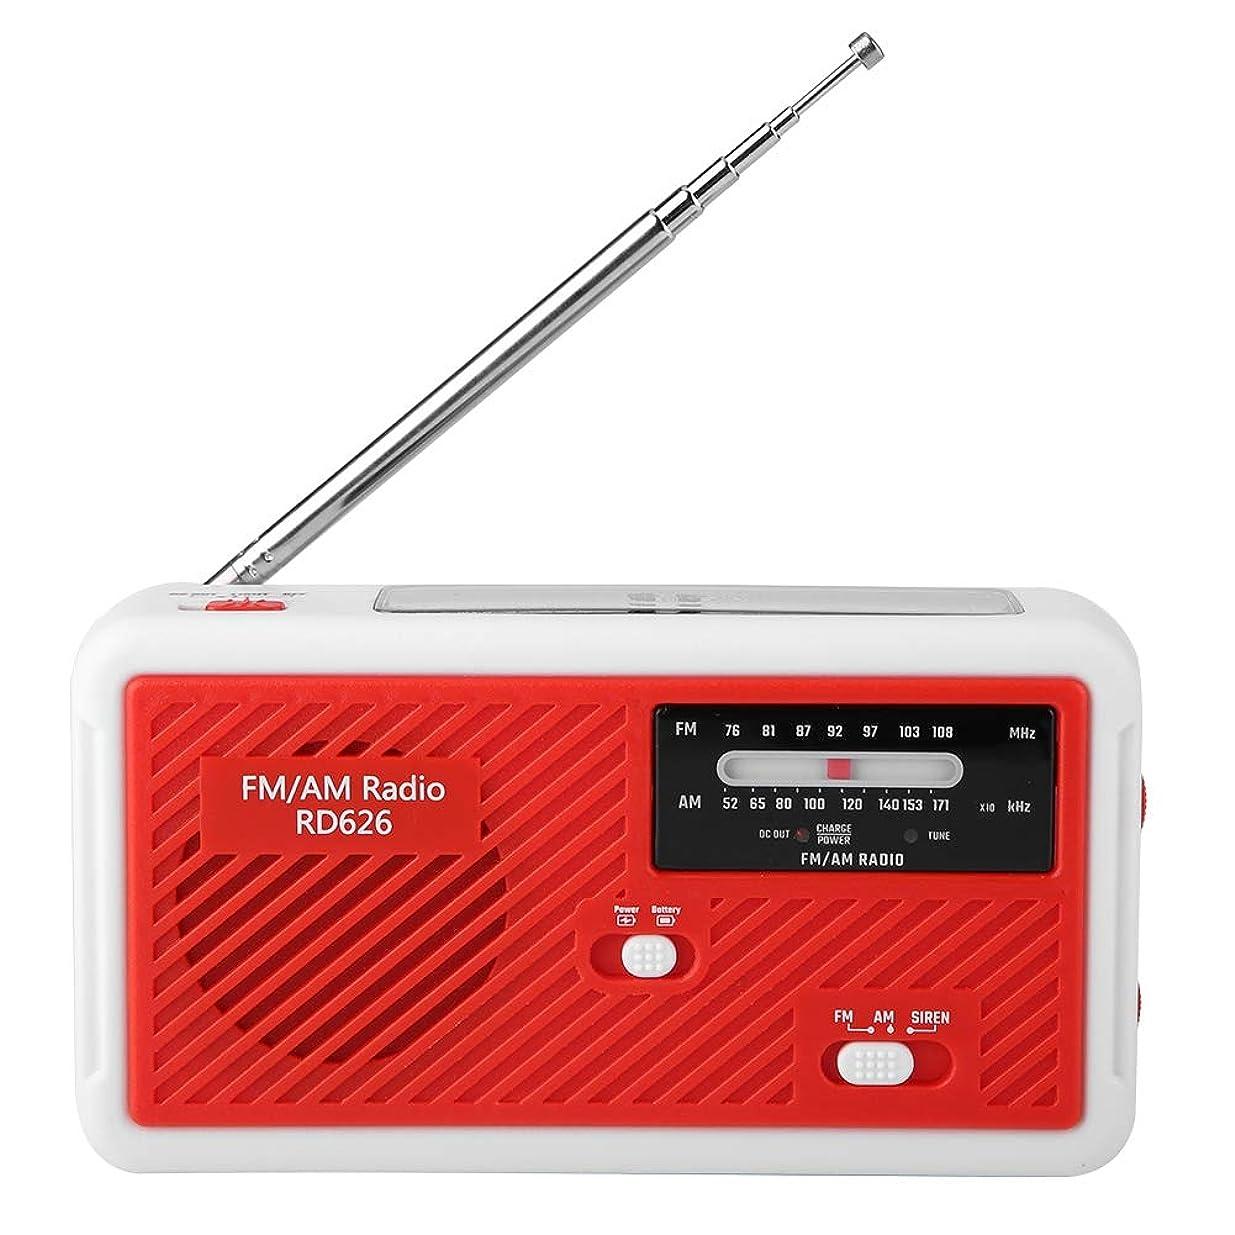 差別的牛ギャングラジオ Acouto 多機能 AM/FM ソーラー ハンド クランク ダイナモツイルラジオ LED懐中電灯 ソーラーラジオ ミニラジオ 屋外や緊急時に使用(レッド)